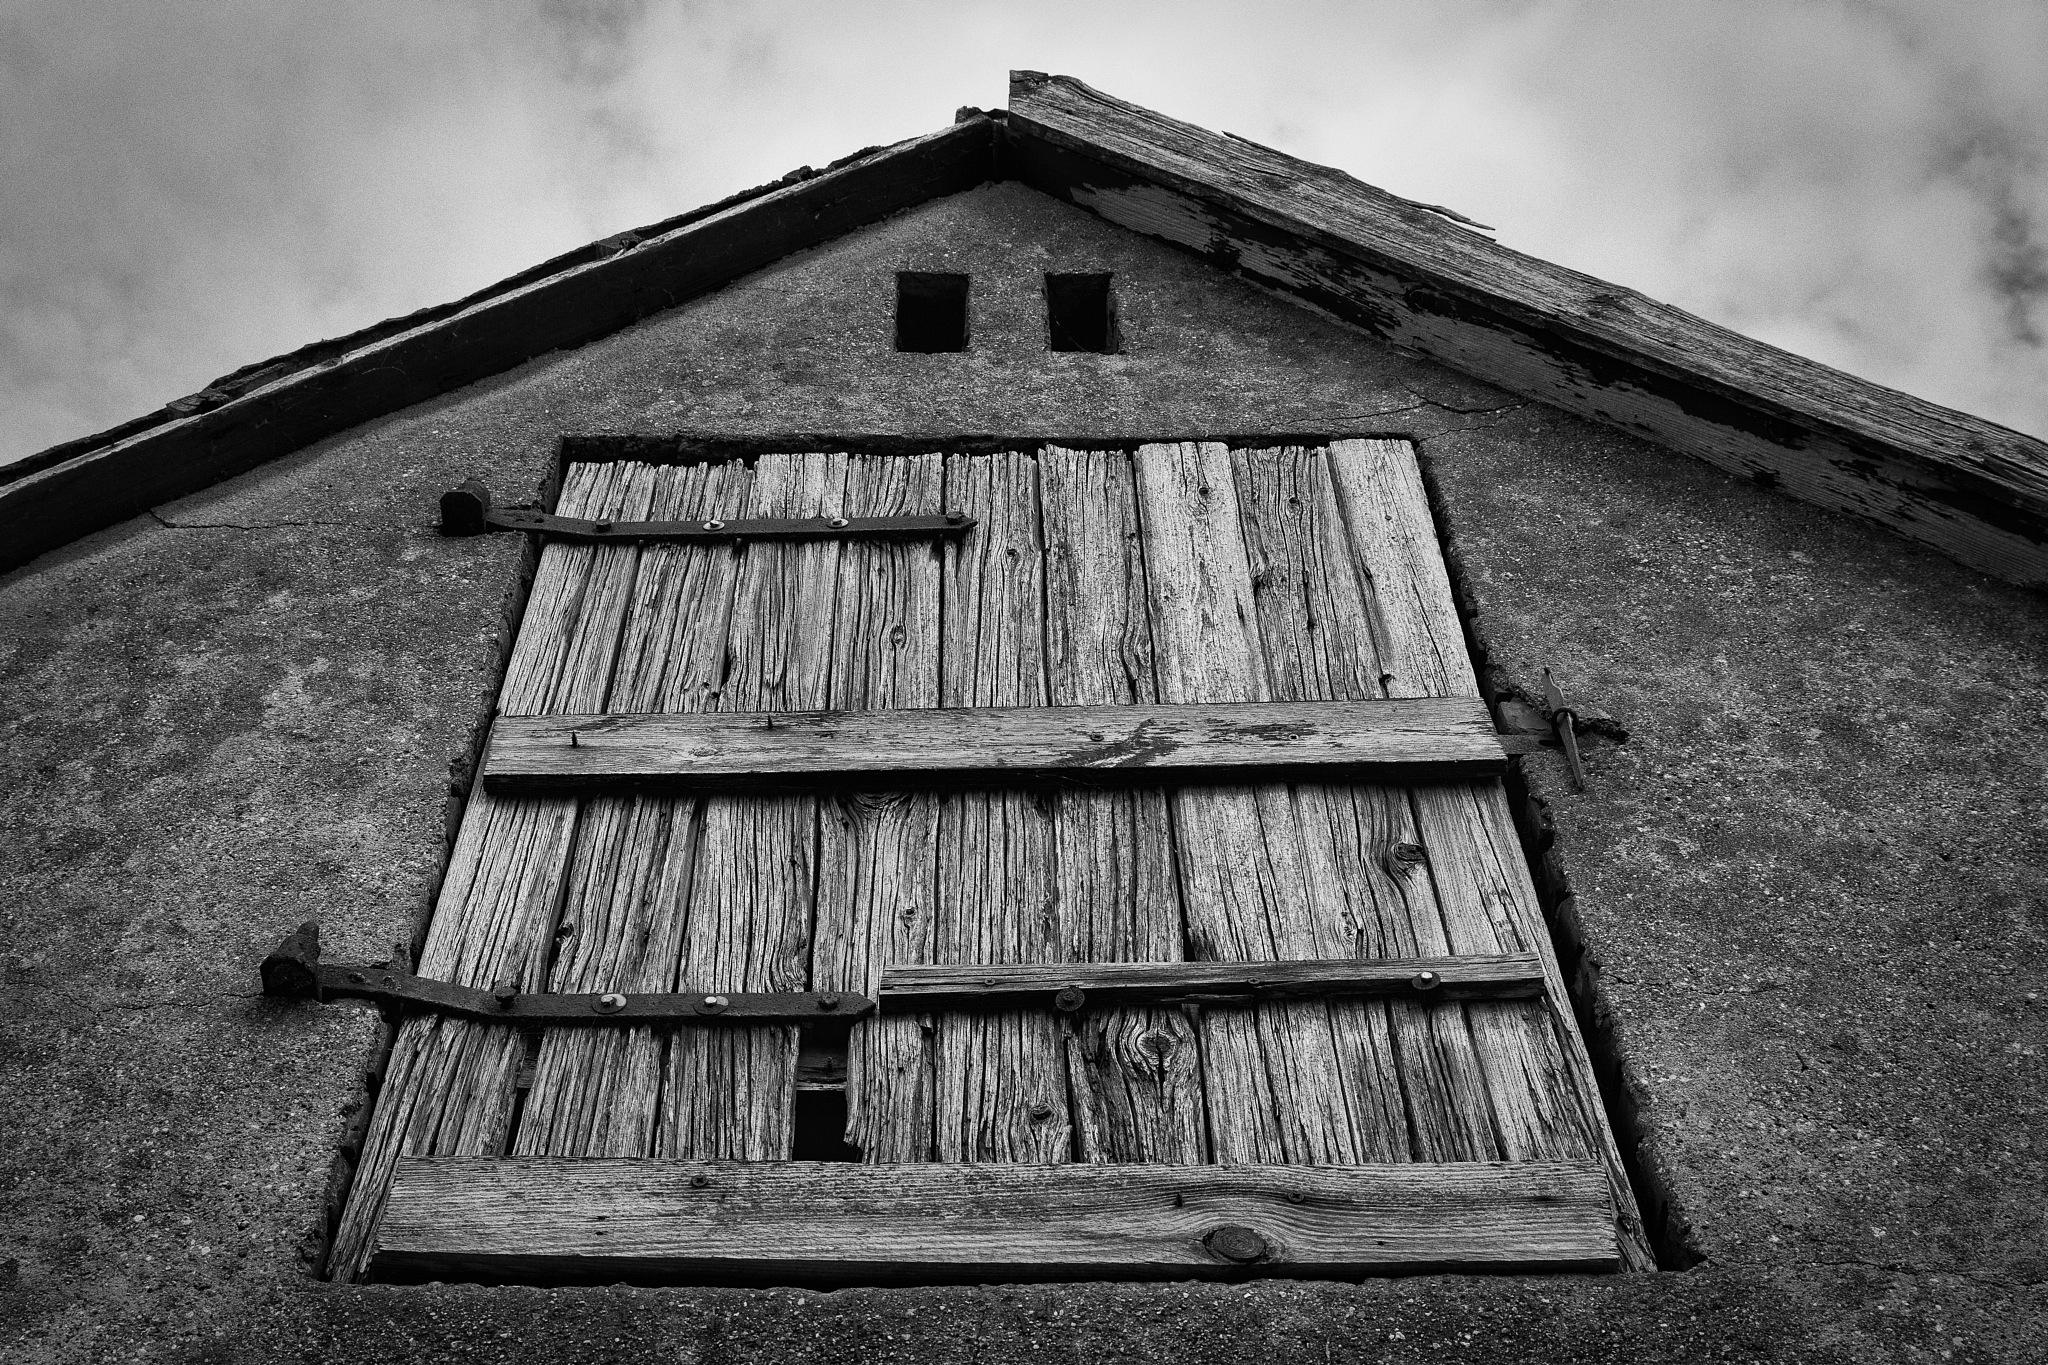 Old fischermens house in Pepelow by maybritt hansen